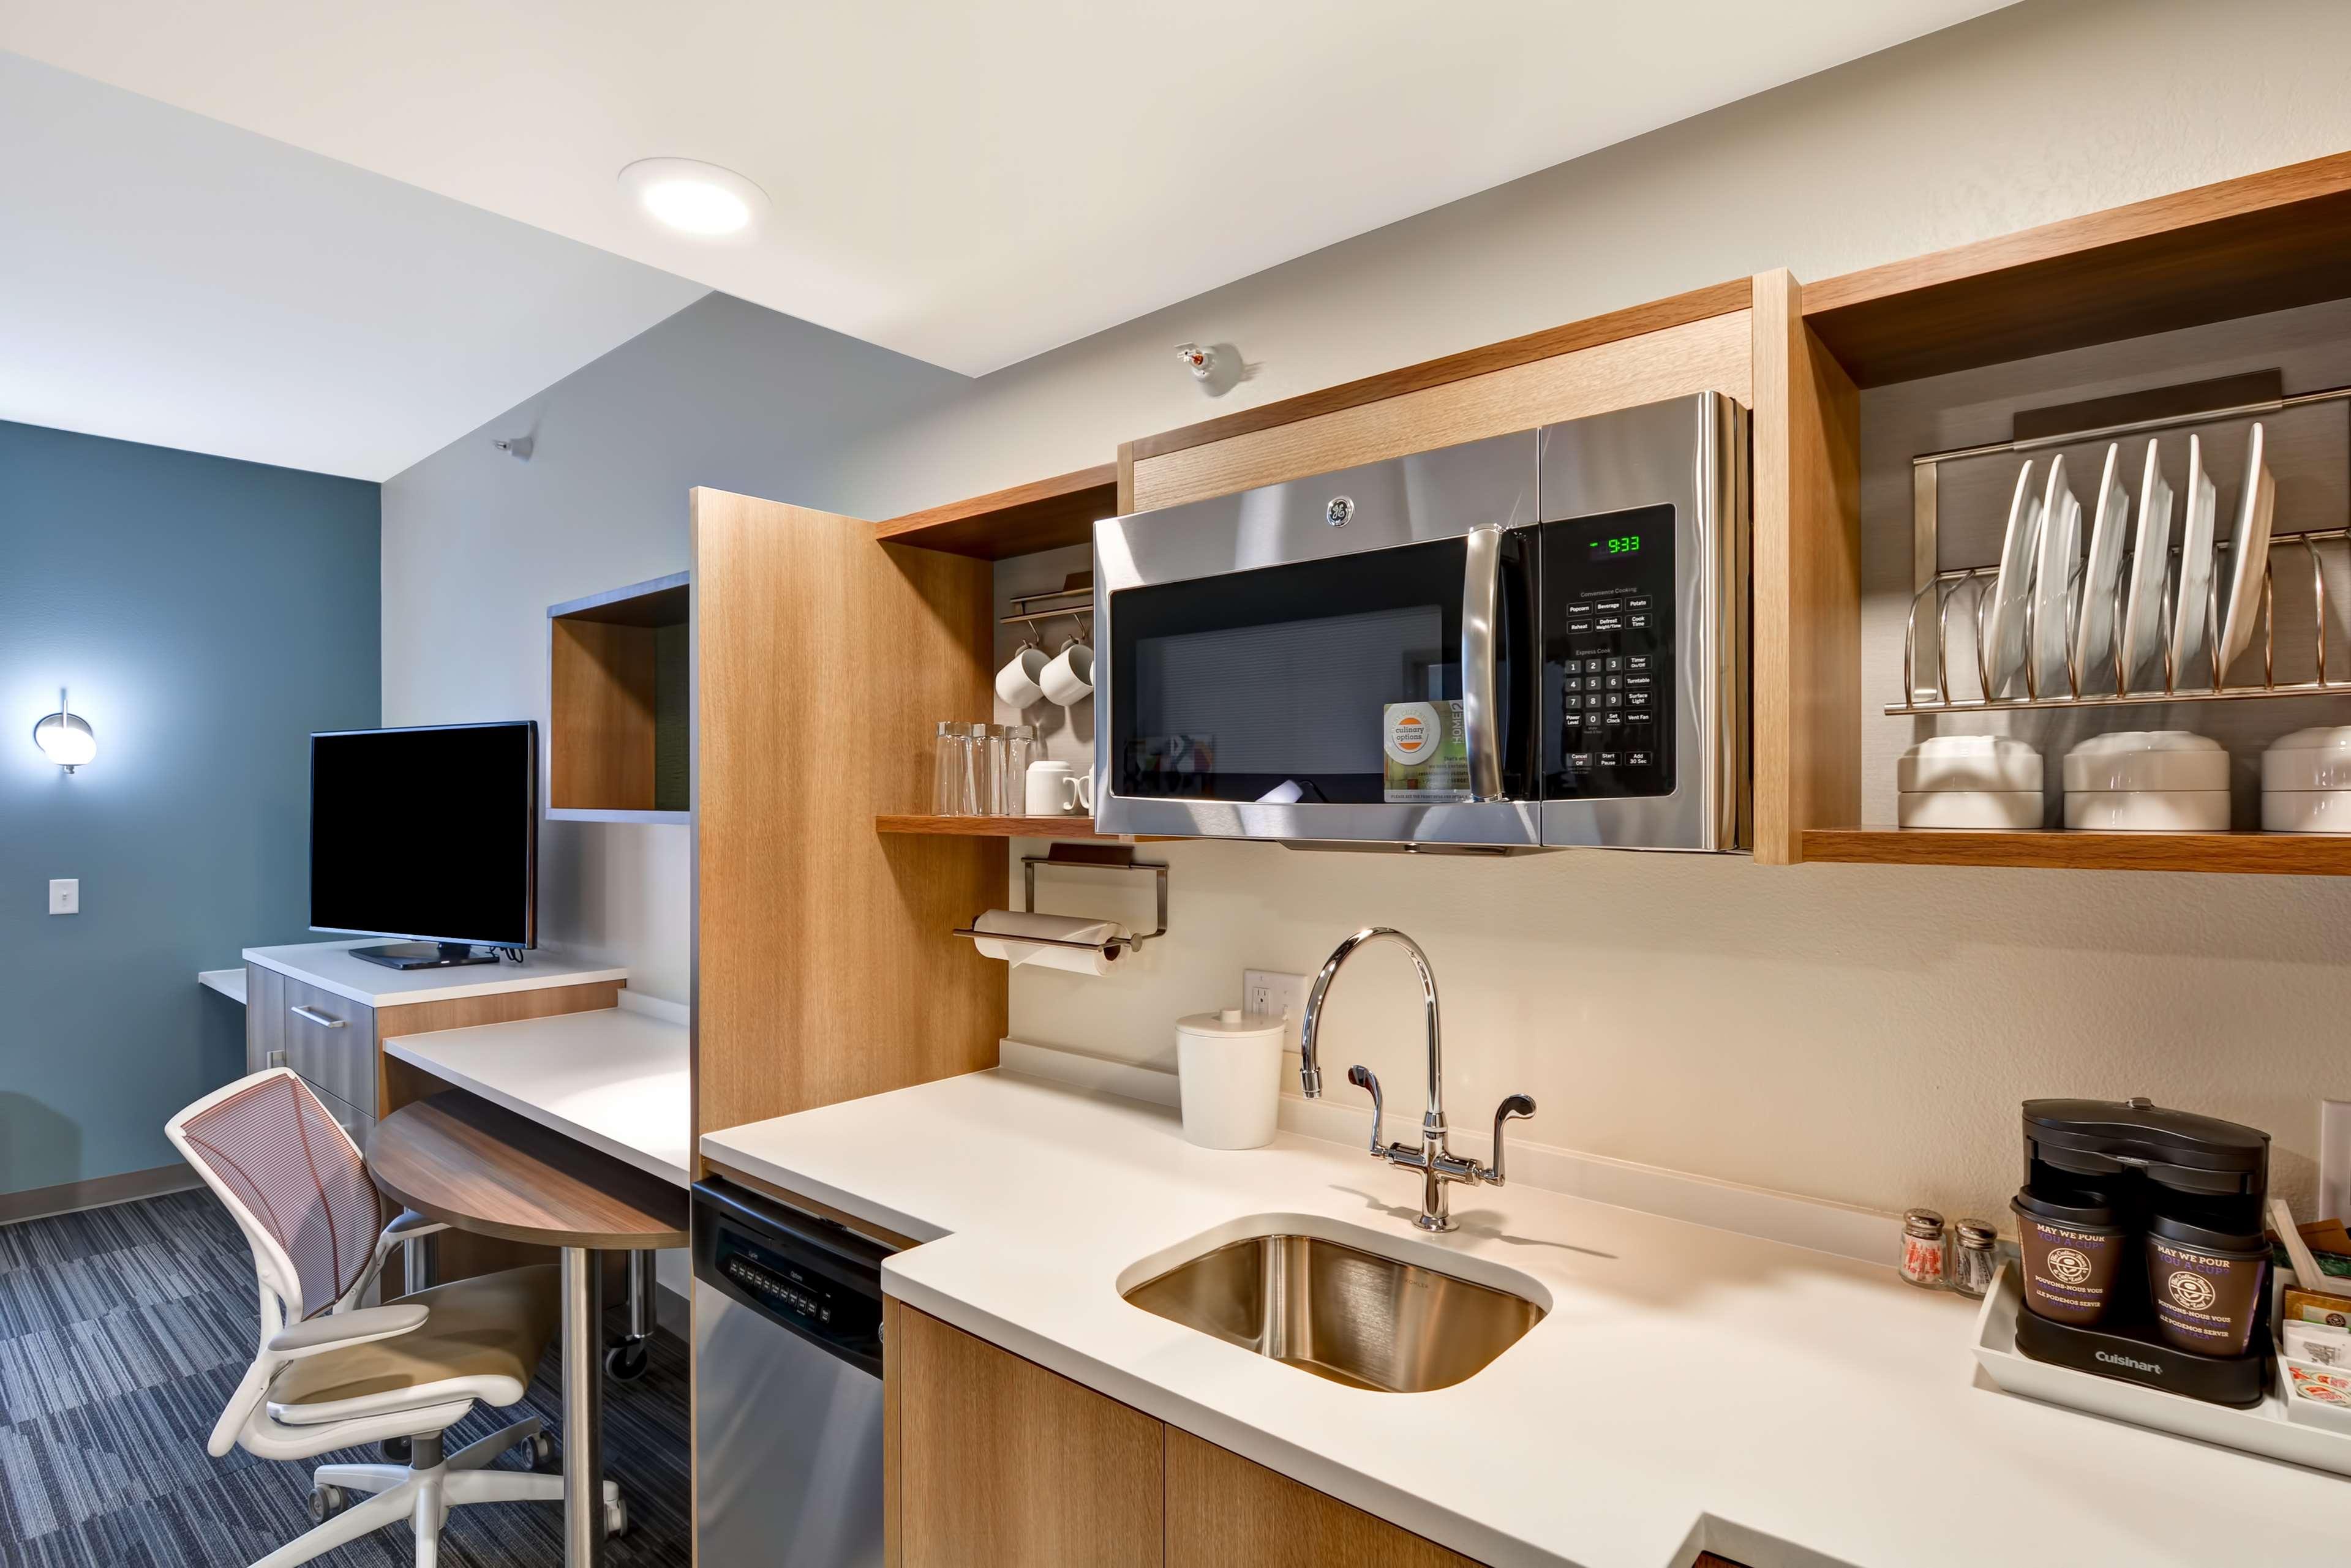 Home2 Suites by Hilton Lafayette image 34